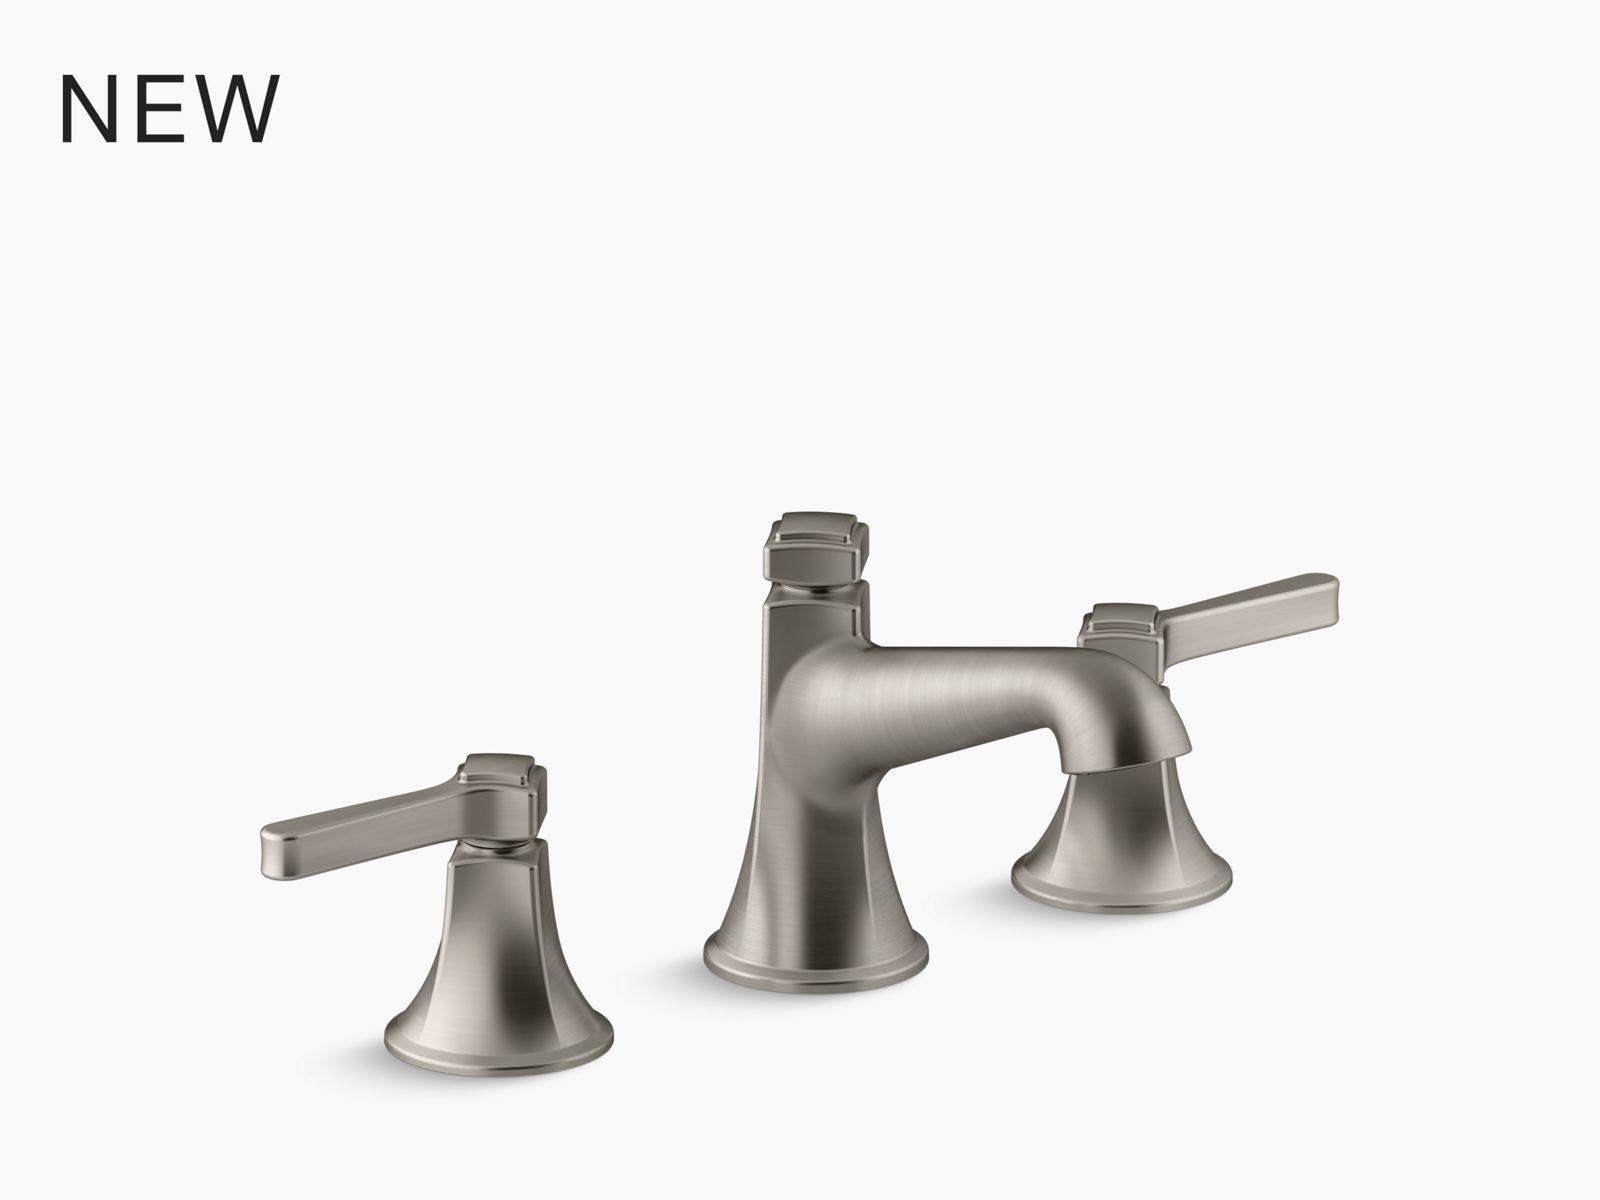 alteo single handle bathroom sink faucet